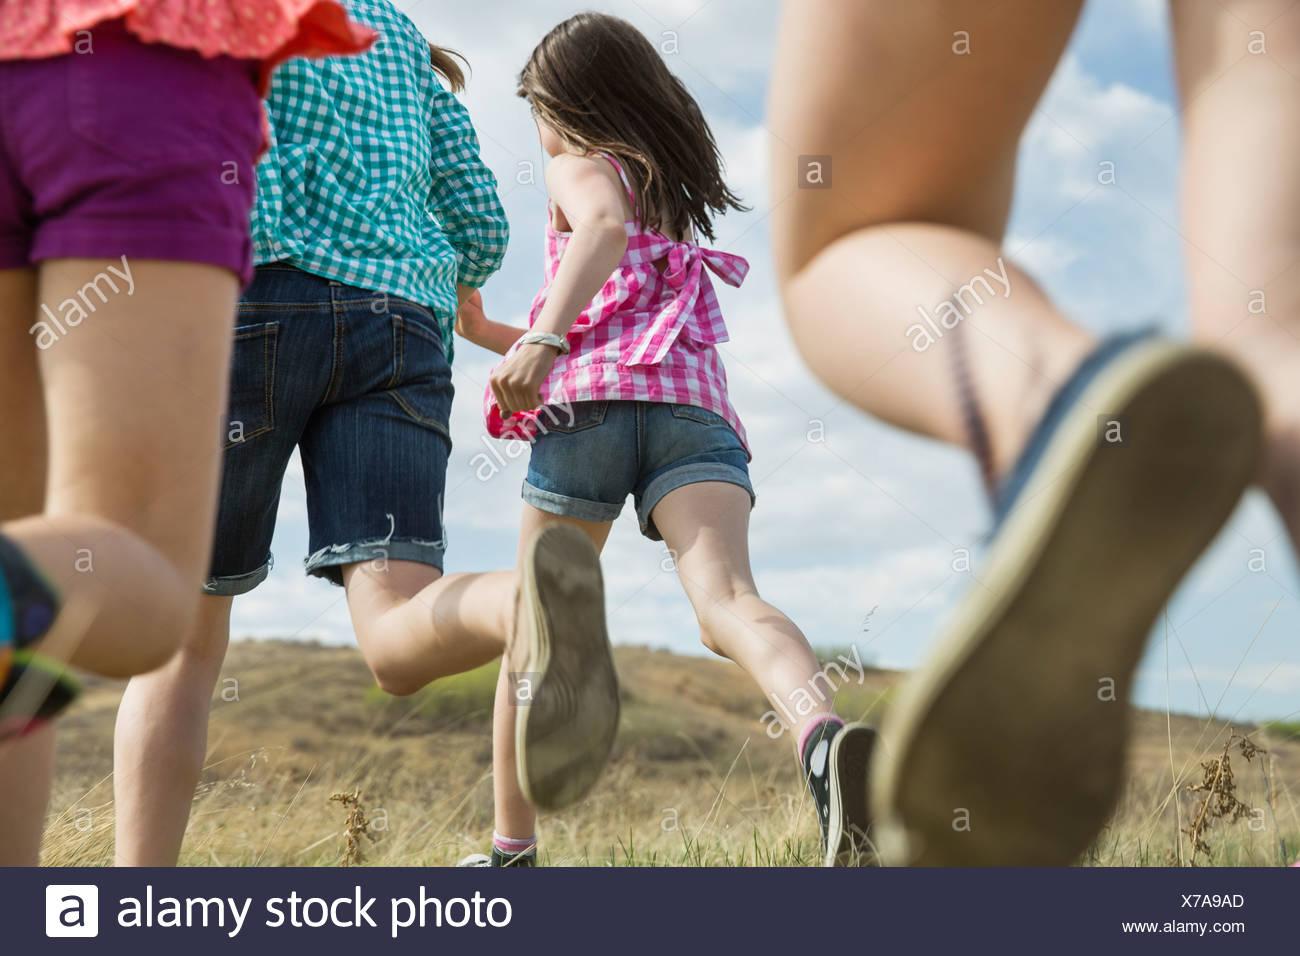 Rear view of schoolgirls running - Stock Image